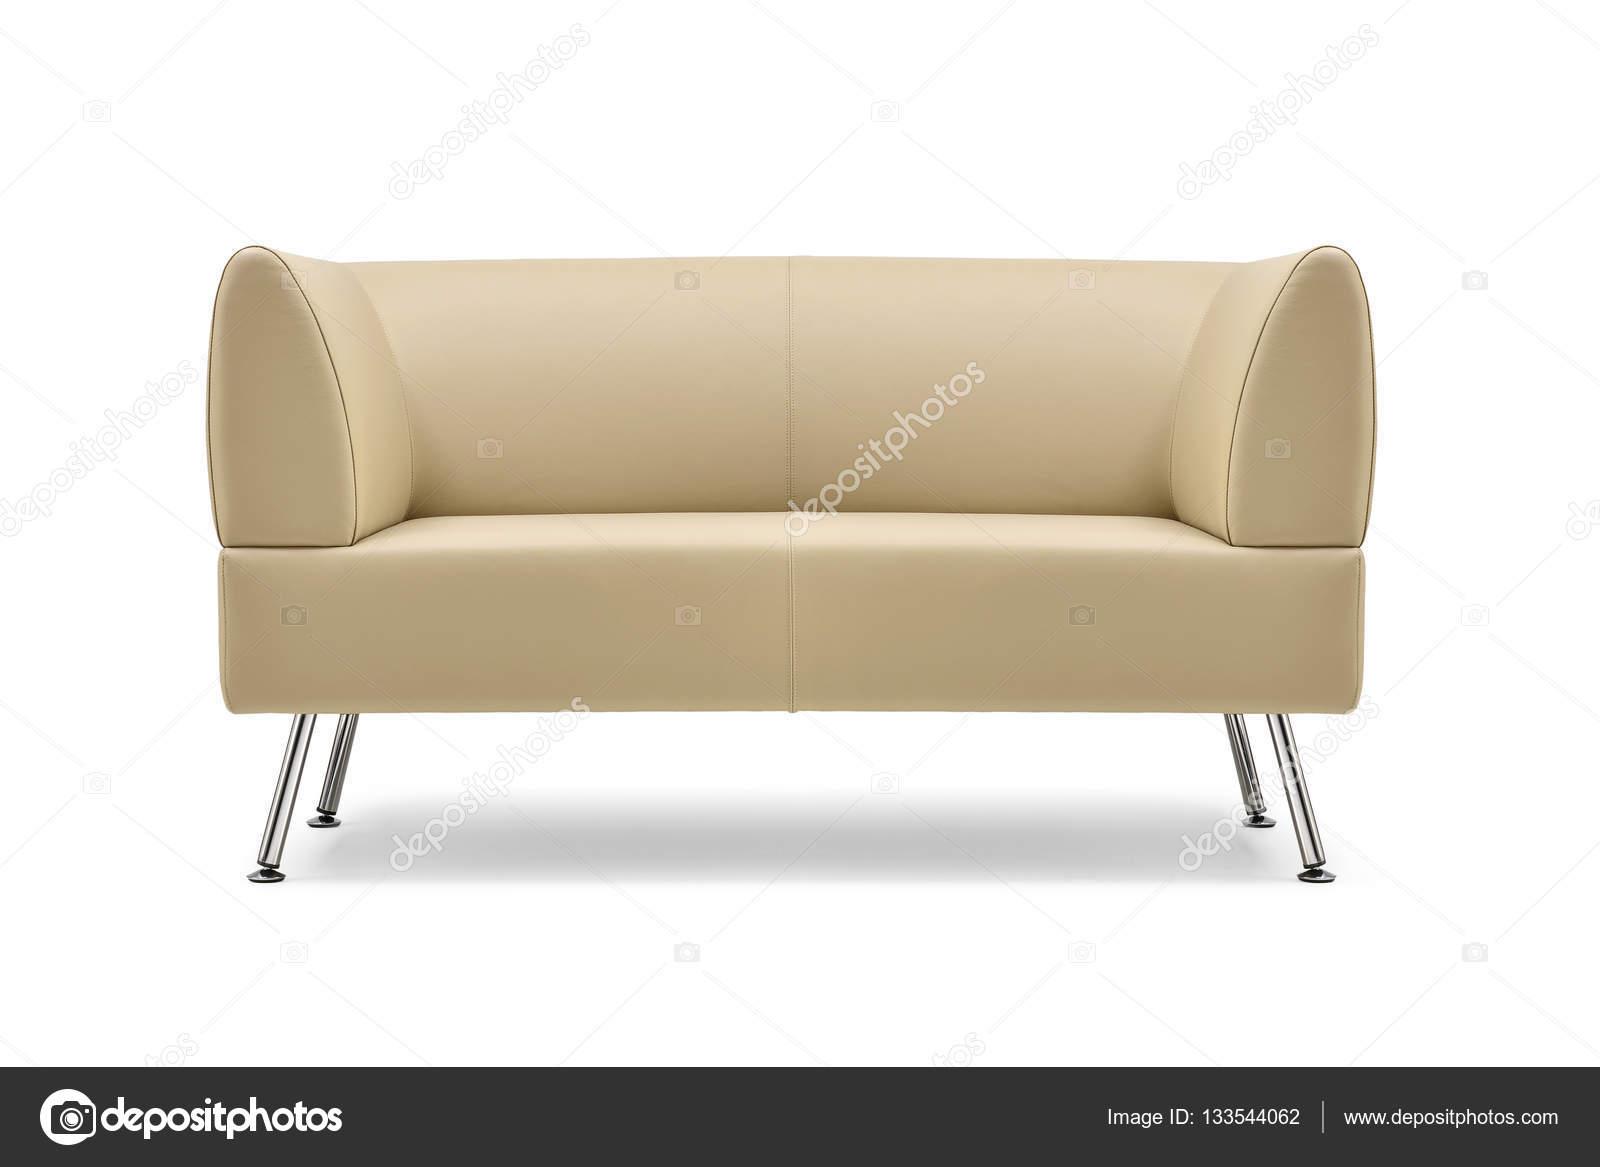 Beige Leather Sofa Front View Stock Photo C Antoniotruzzi 133544062